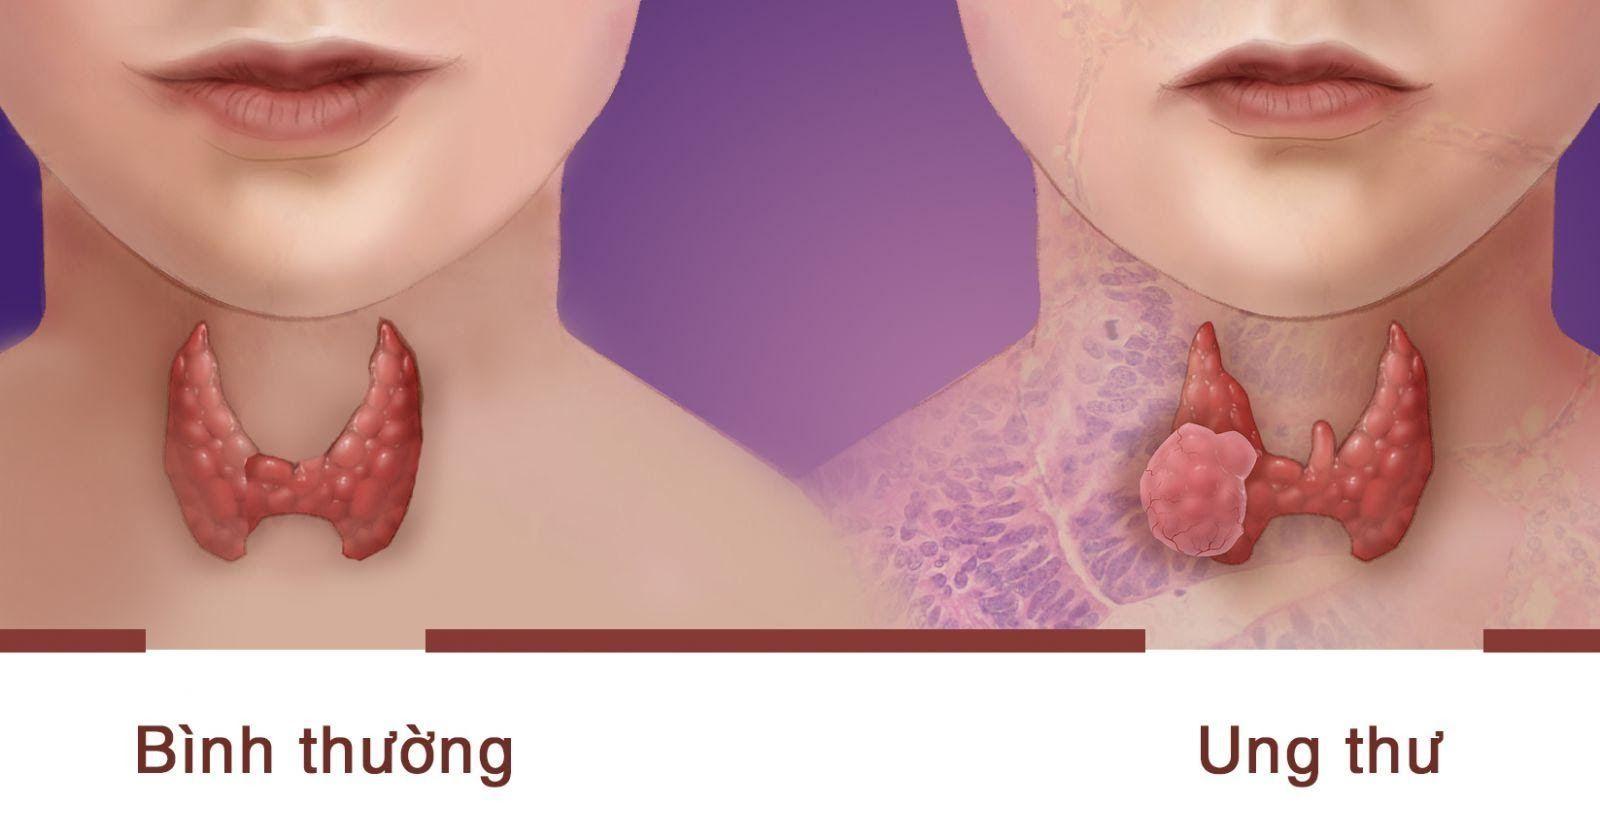 Ung thư tuyến giáp có chữa được không là thắc mắc của nhiều người